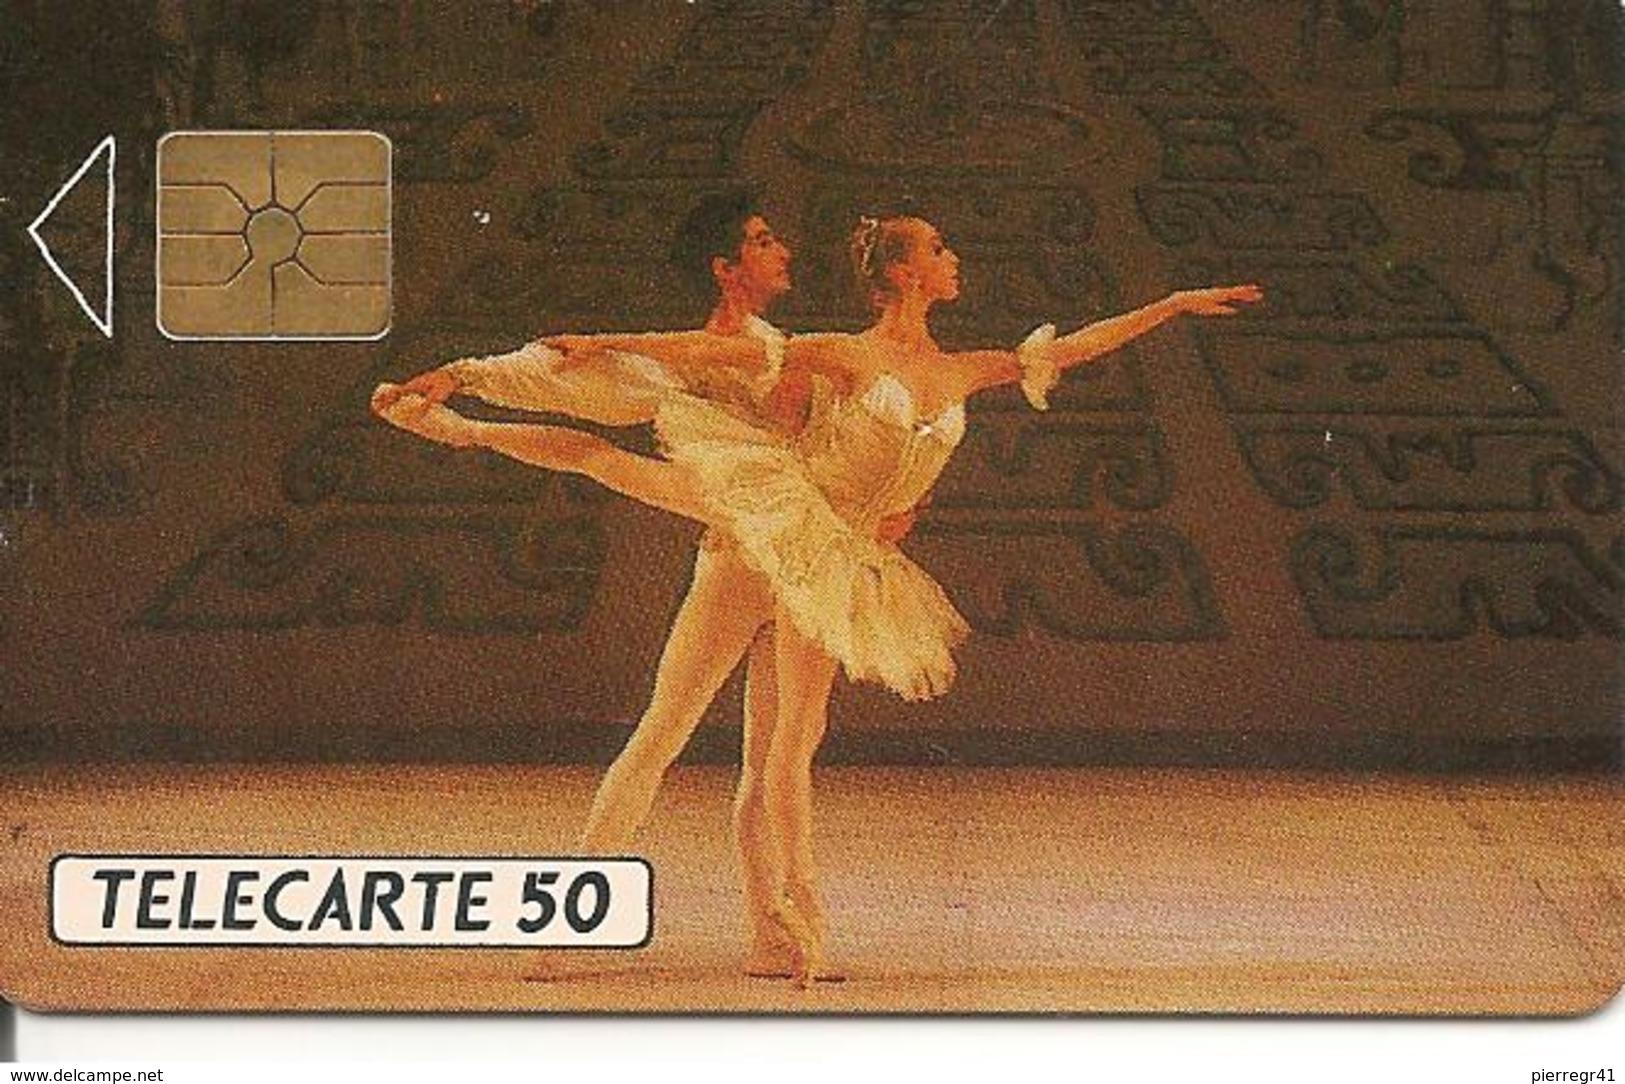 CARTEµ-PUBLICC-MONACO-50U-MF 08--GEM A-Série C-BALLETS De MONTE CARLO--UTILISE-TBE - Monaco